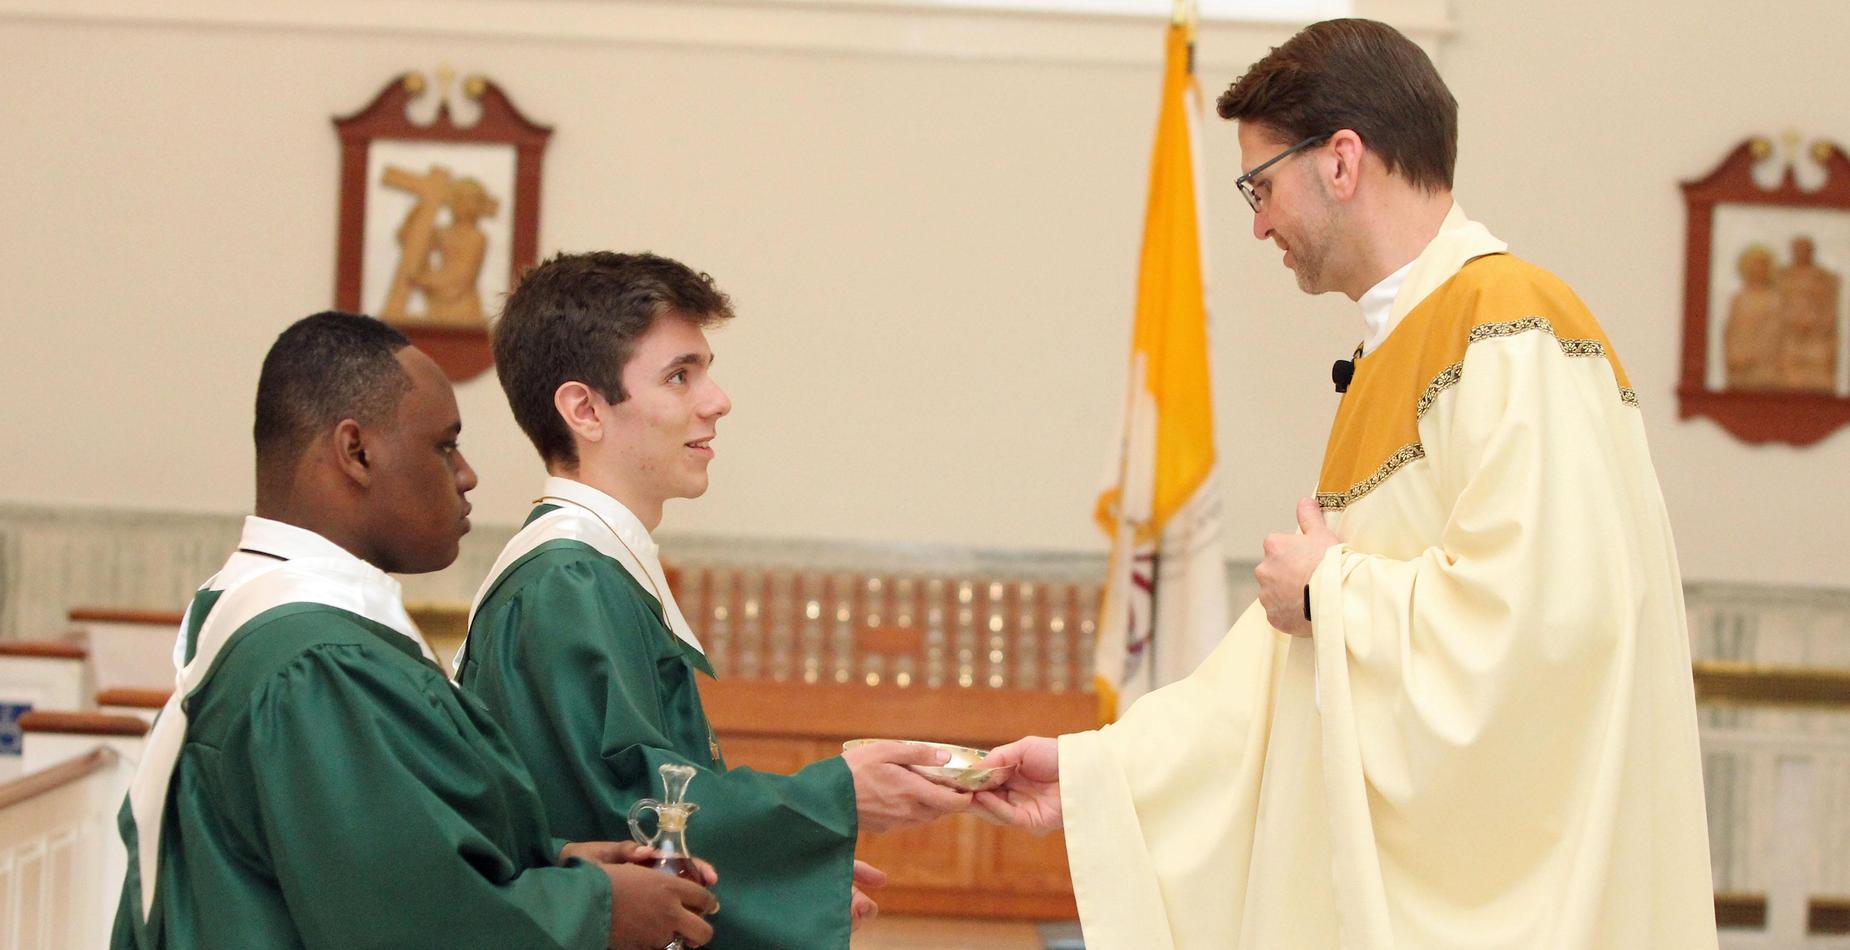 Boys' Mass